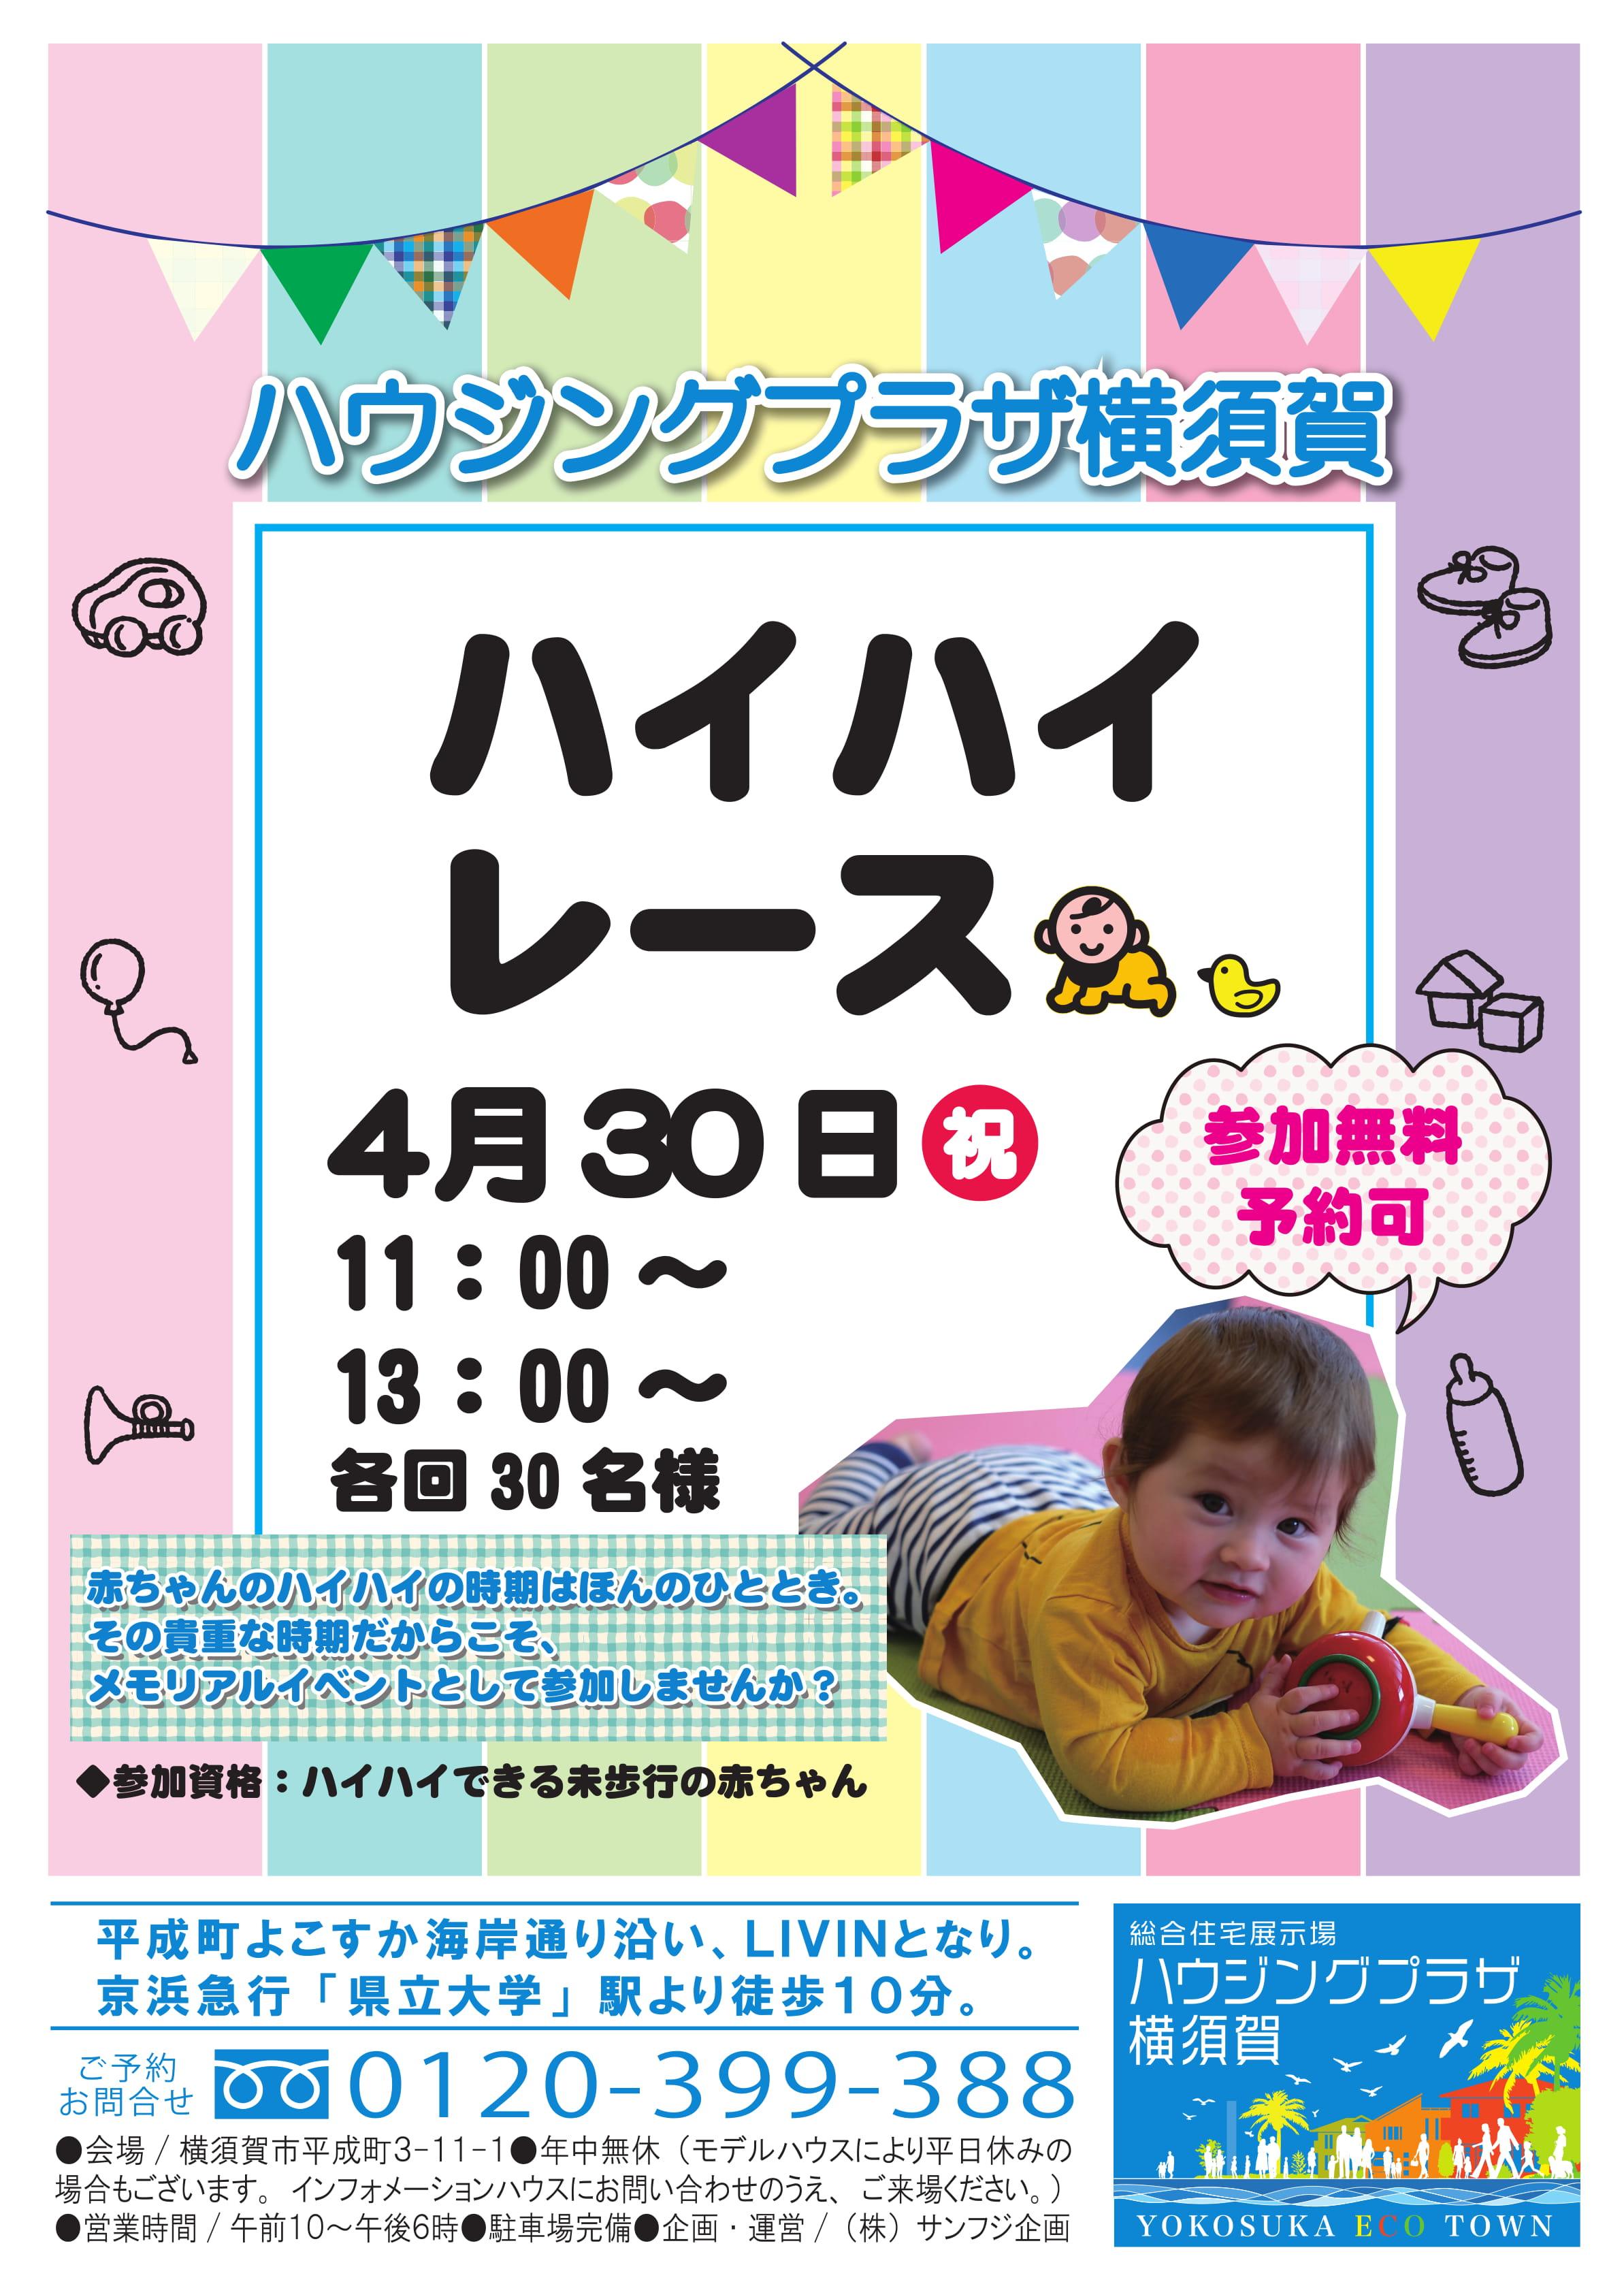 4月30日(月・祝)【横須賀開催】ハイハイレース、母の日カードづくり